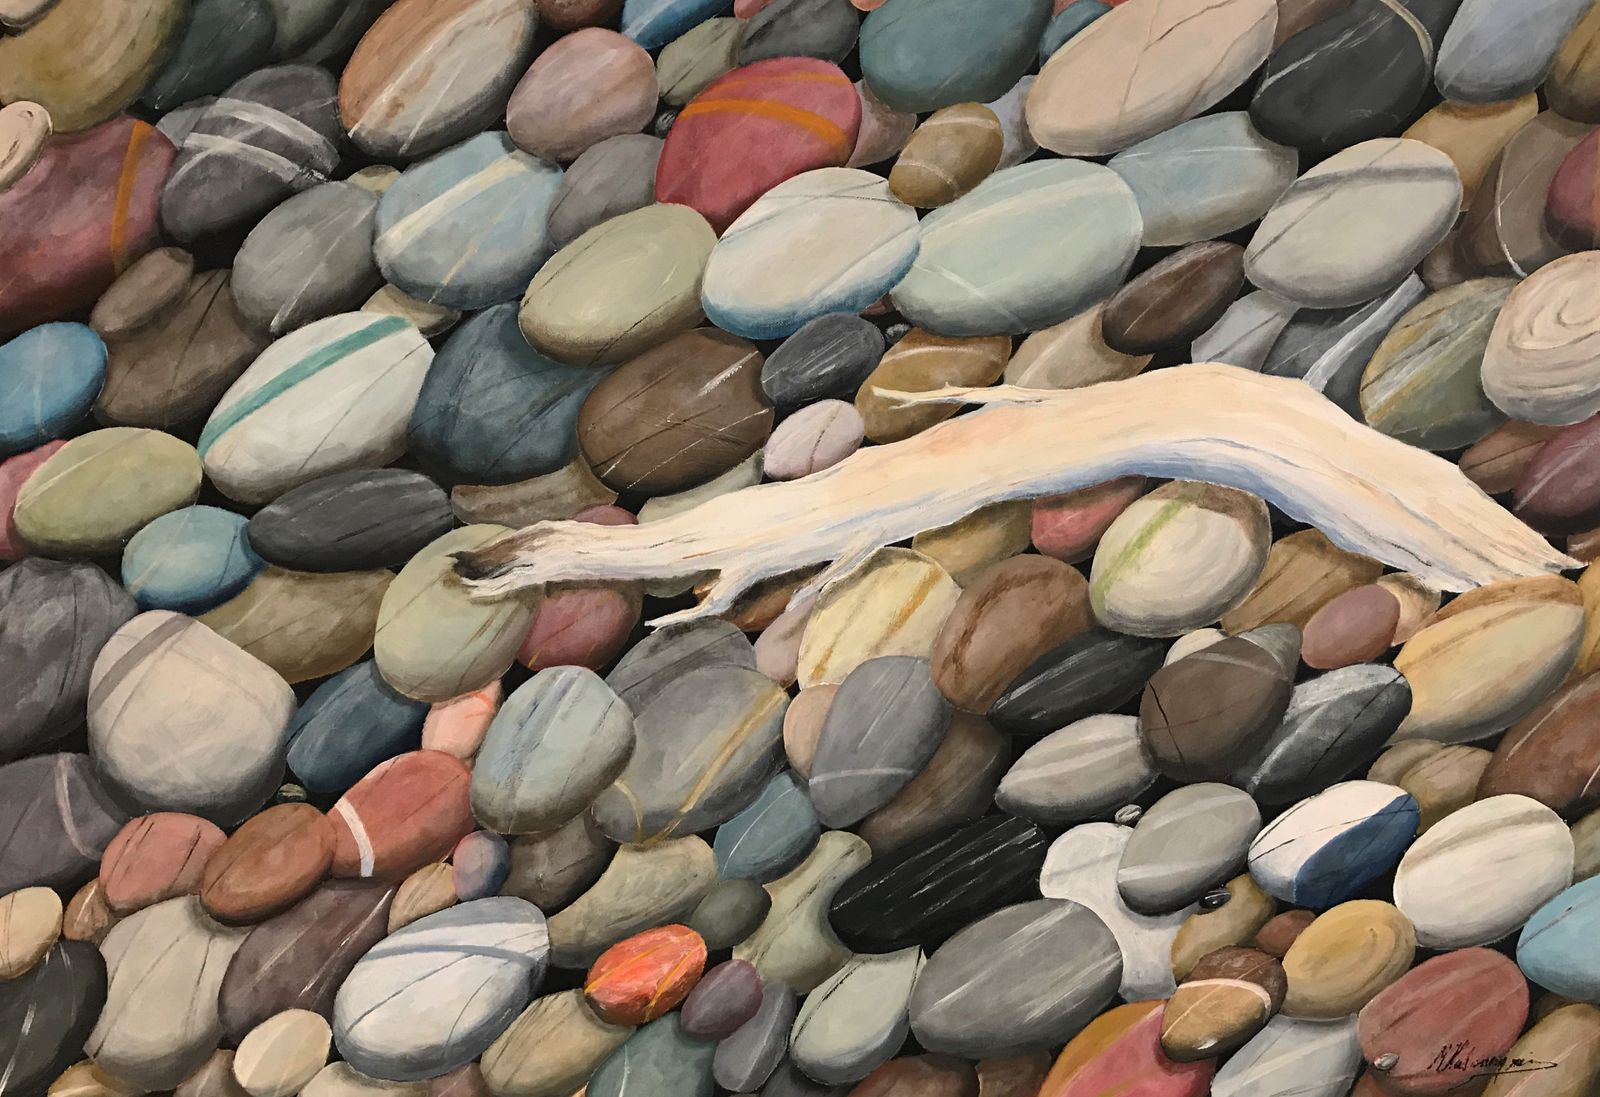 Μιχάλης Καλοκαιρινός 70×100 εκ Ακρυλικά σε καμβά Michael Kalokairinos 70×100 cm Acrylics on canvas